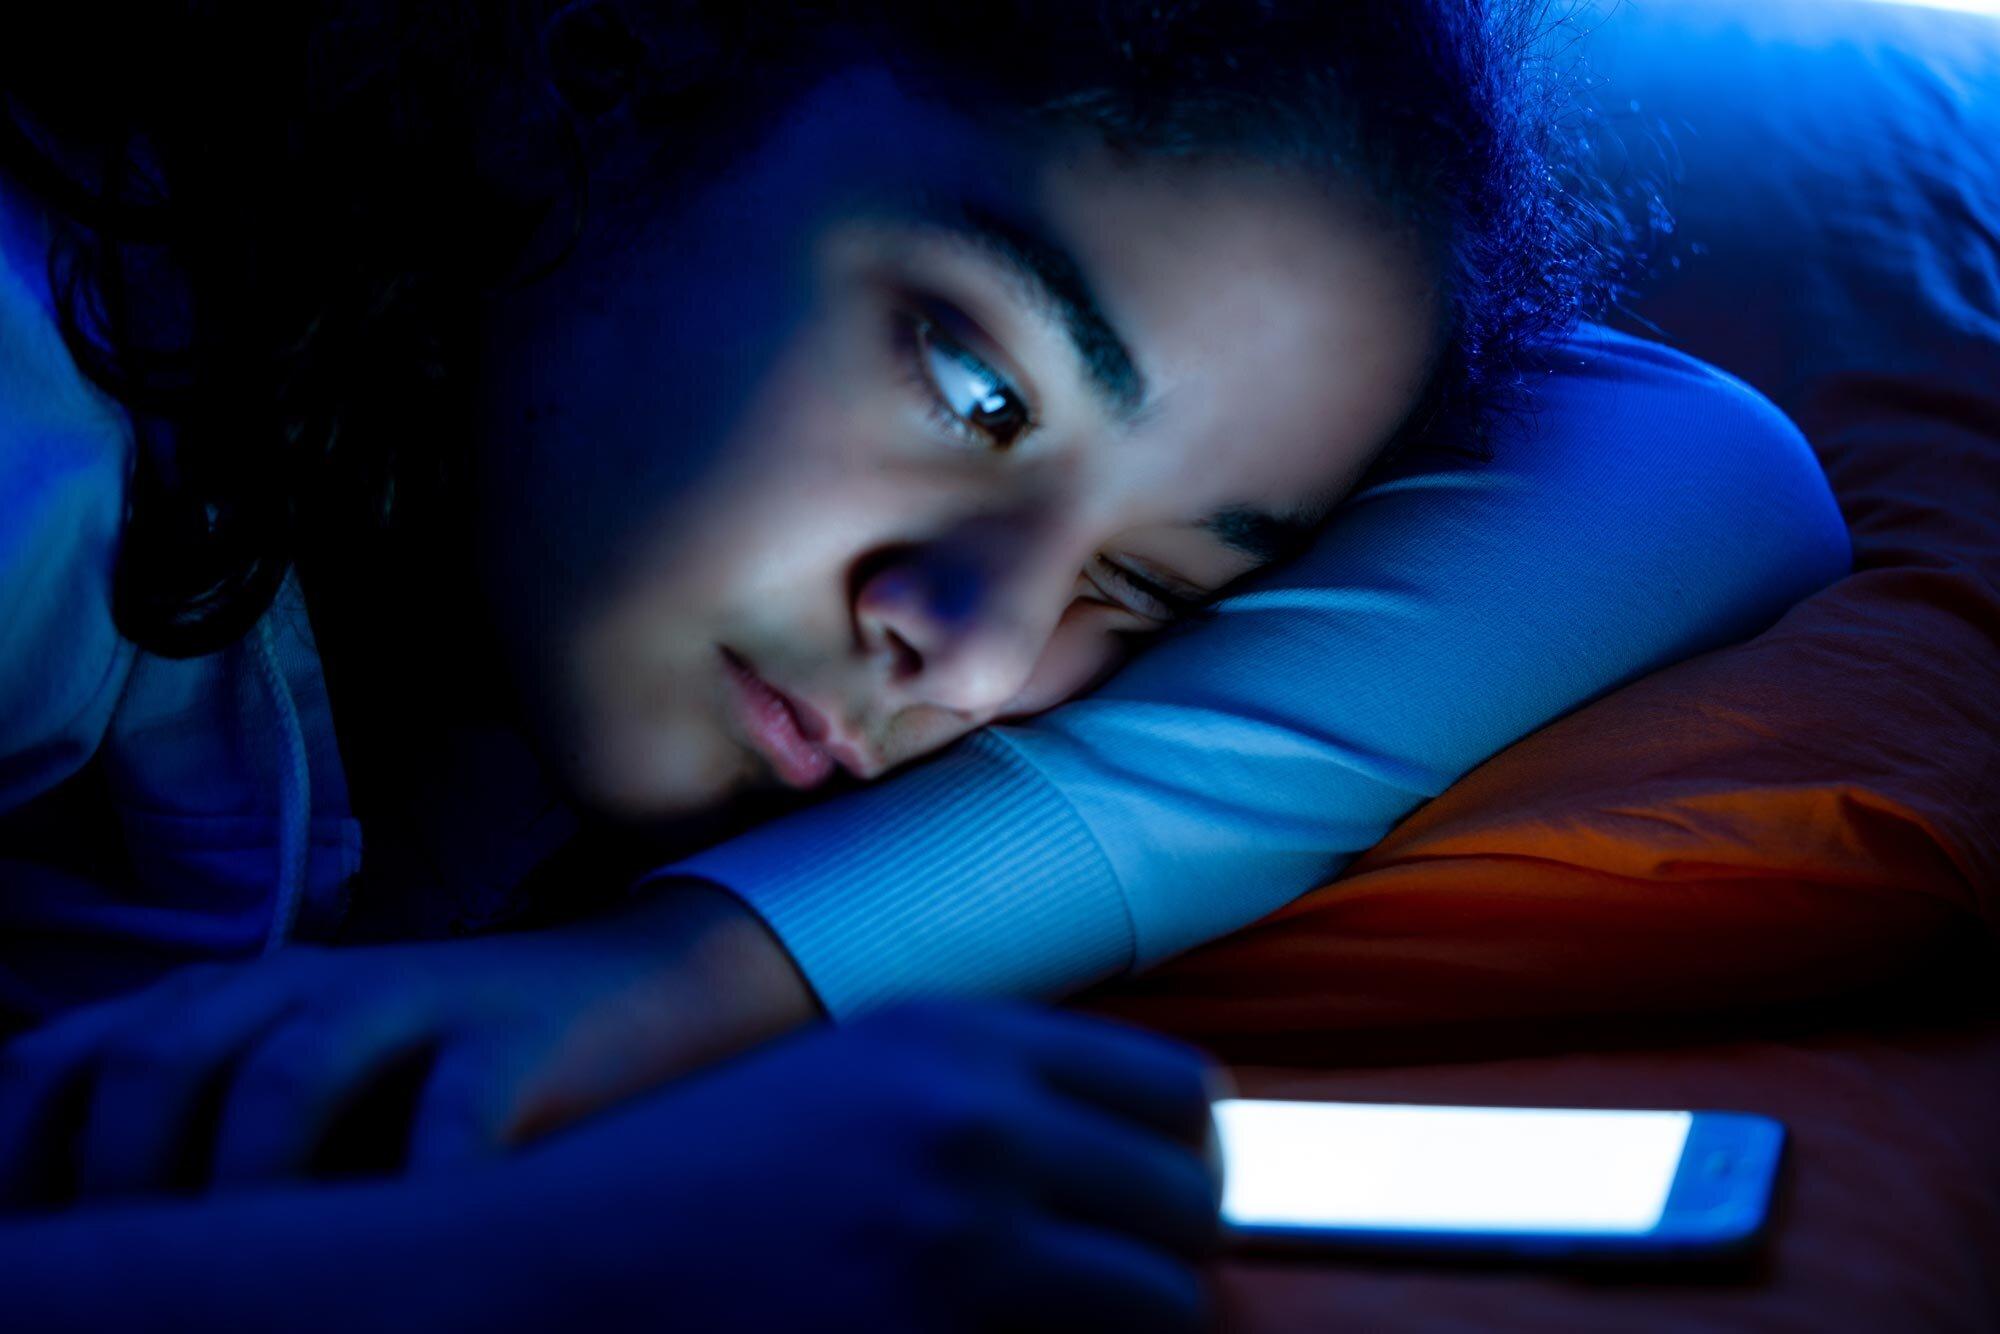 Ist Ihre Jugendlichen genug Schlaf? 3 Dinge, die alle Eltern wissen sollten